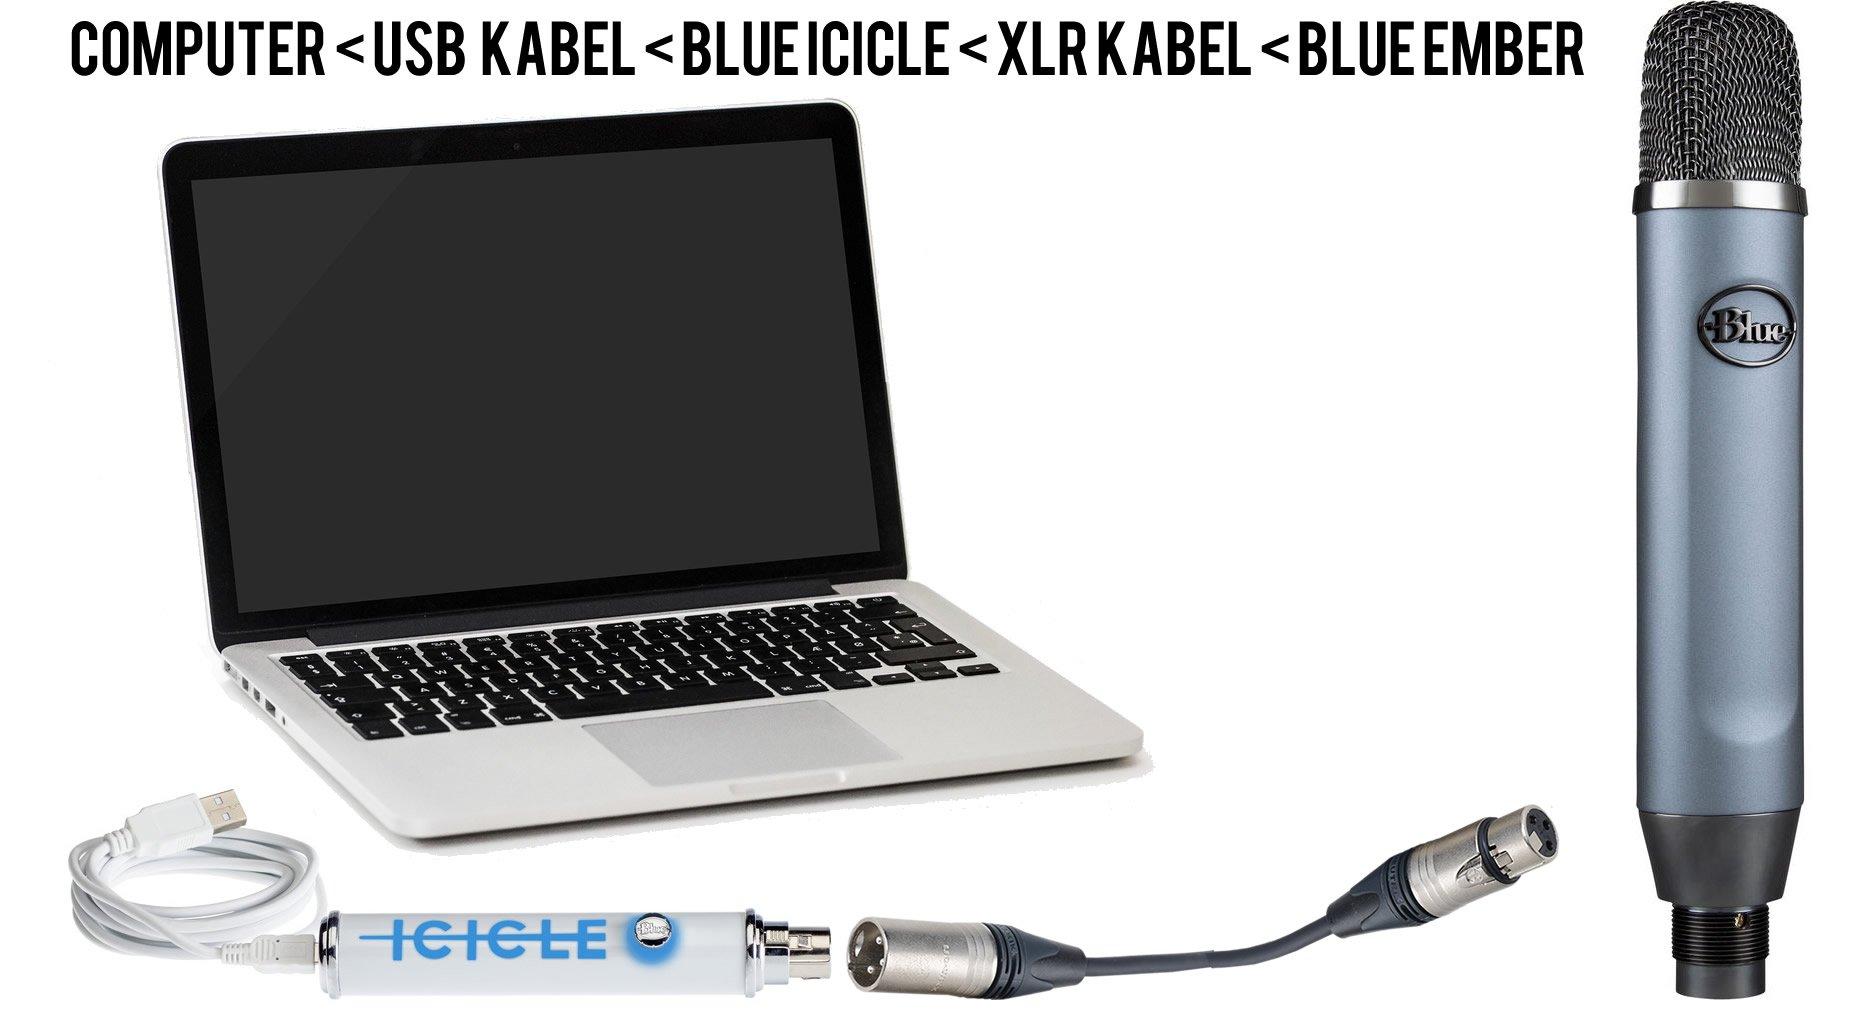 Blue Ember signalvej